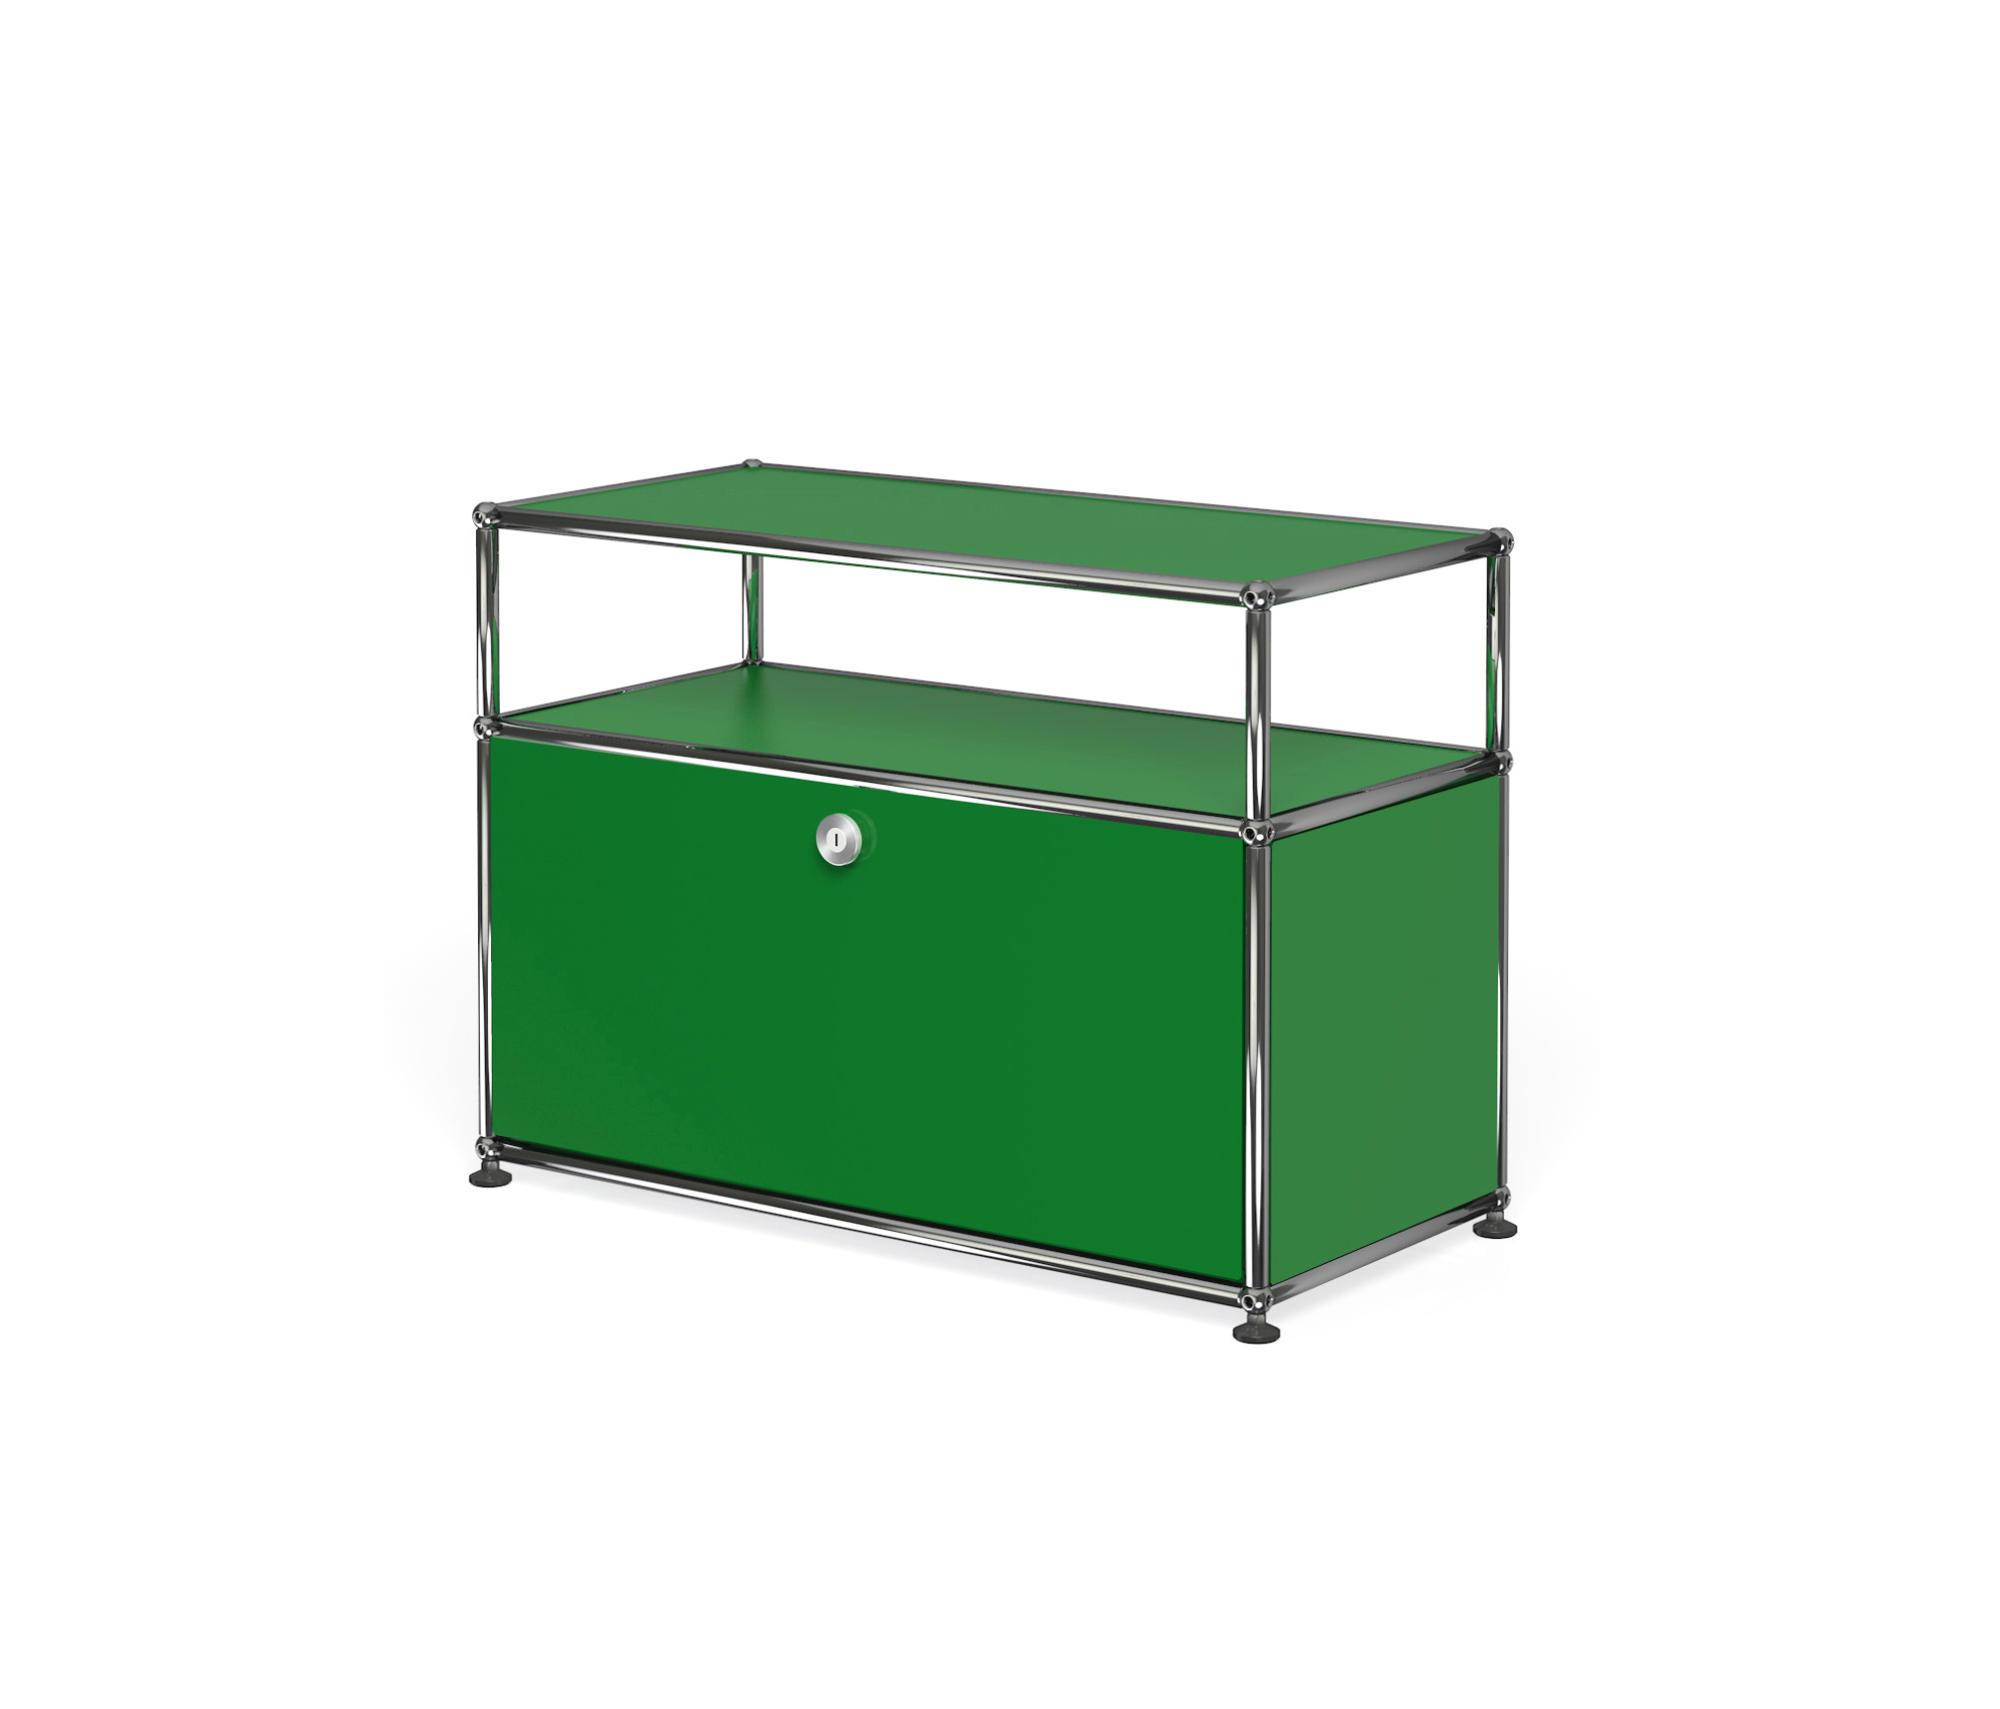 usm haller media 1 multimedia sideboards von usm architonic. Black Bedroom Furniture Sets. Home Design Ideas